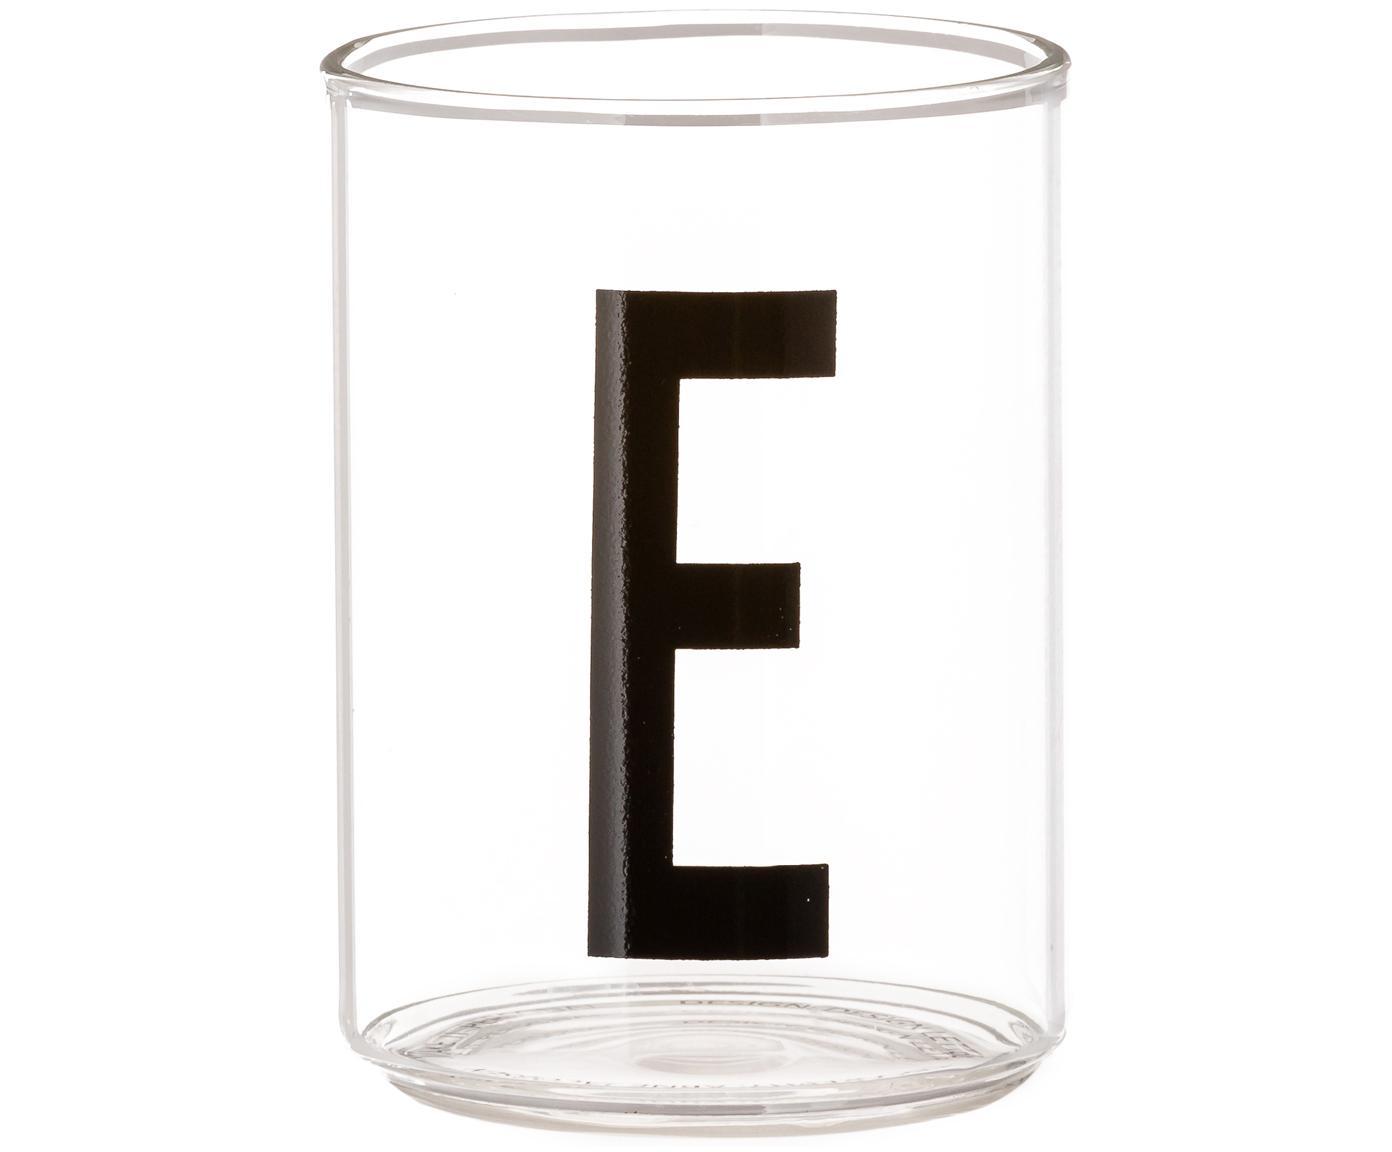 Bicchiere acqua in vetro Personal (varianti dalla A alla Z), Vetro borosilicato, Trasparente, nero, Bicchiere per l'acqua E